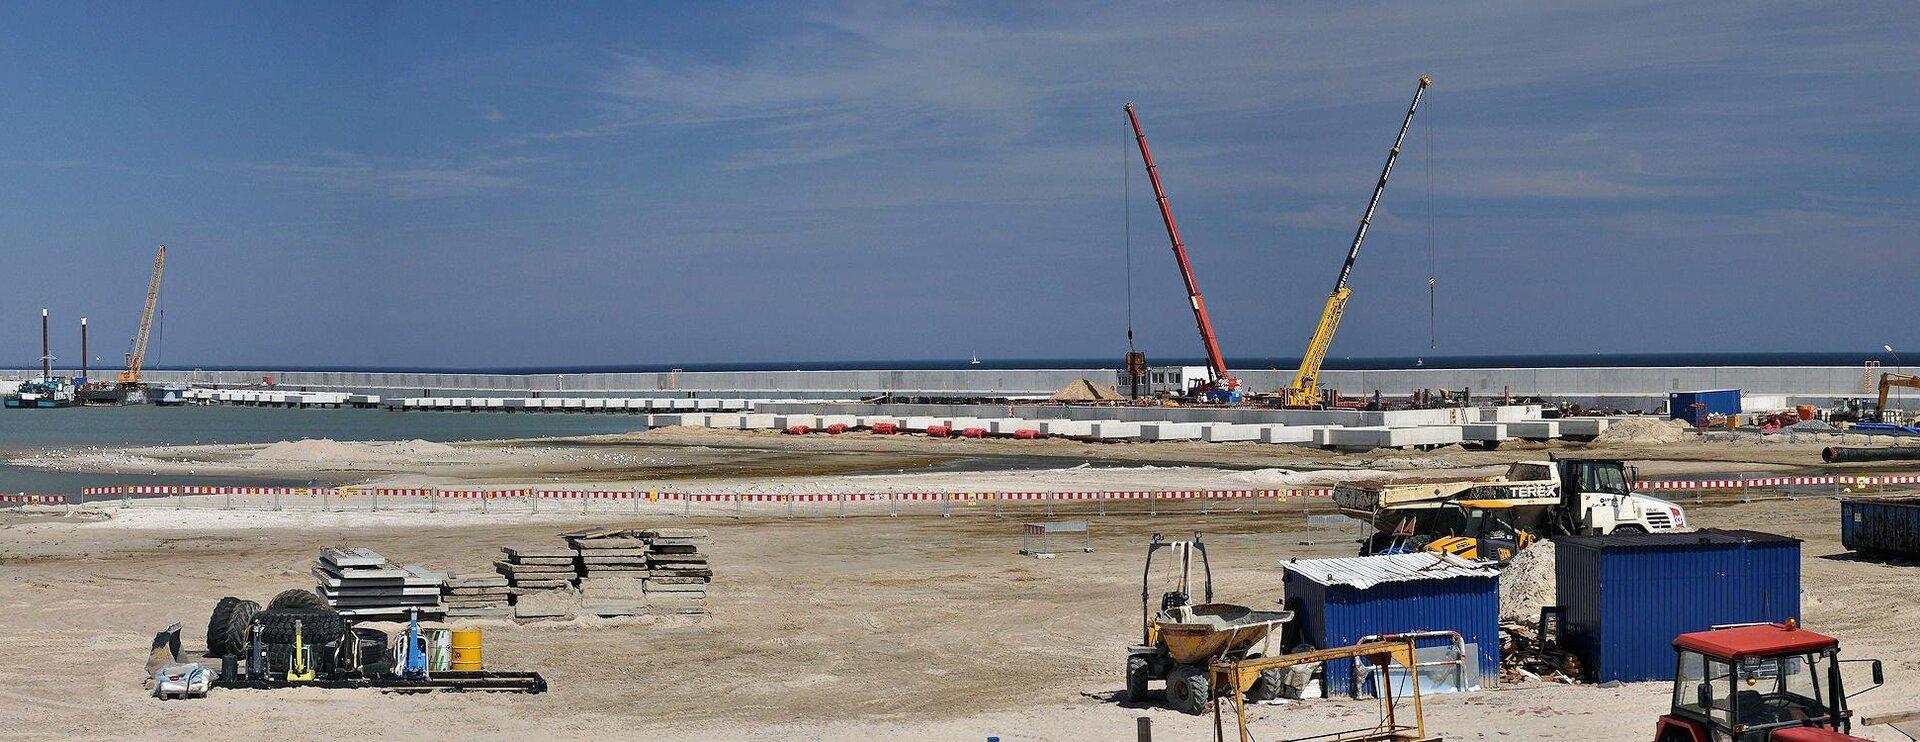 Kolorowe zdjęcie przedstawia gazoport wtrakcie budowy. Słoneczny dzień. Plaża. Na plaży elementy budowy, urządzenia, samochody, koparki. Po prawej stronie, wgłębi, dwa dźwigi. Na linii horyzontu betonowy element budowy wpostaci długiego muru zpłyt betonowych. Wgłębi zdjęcia ciemno niebieskie morze.